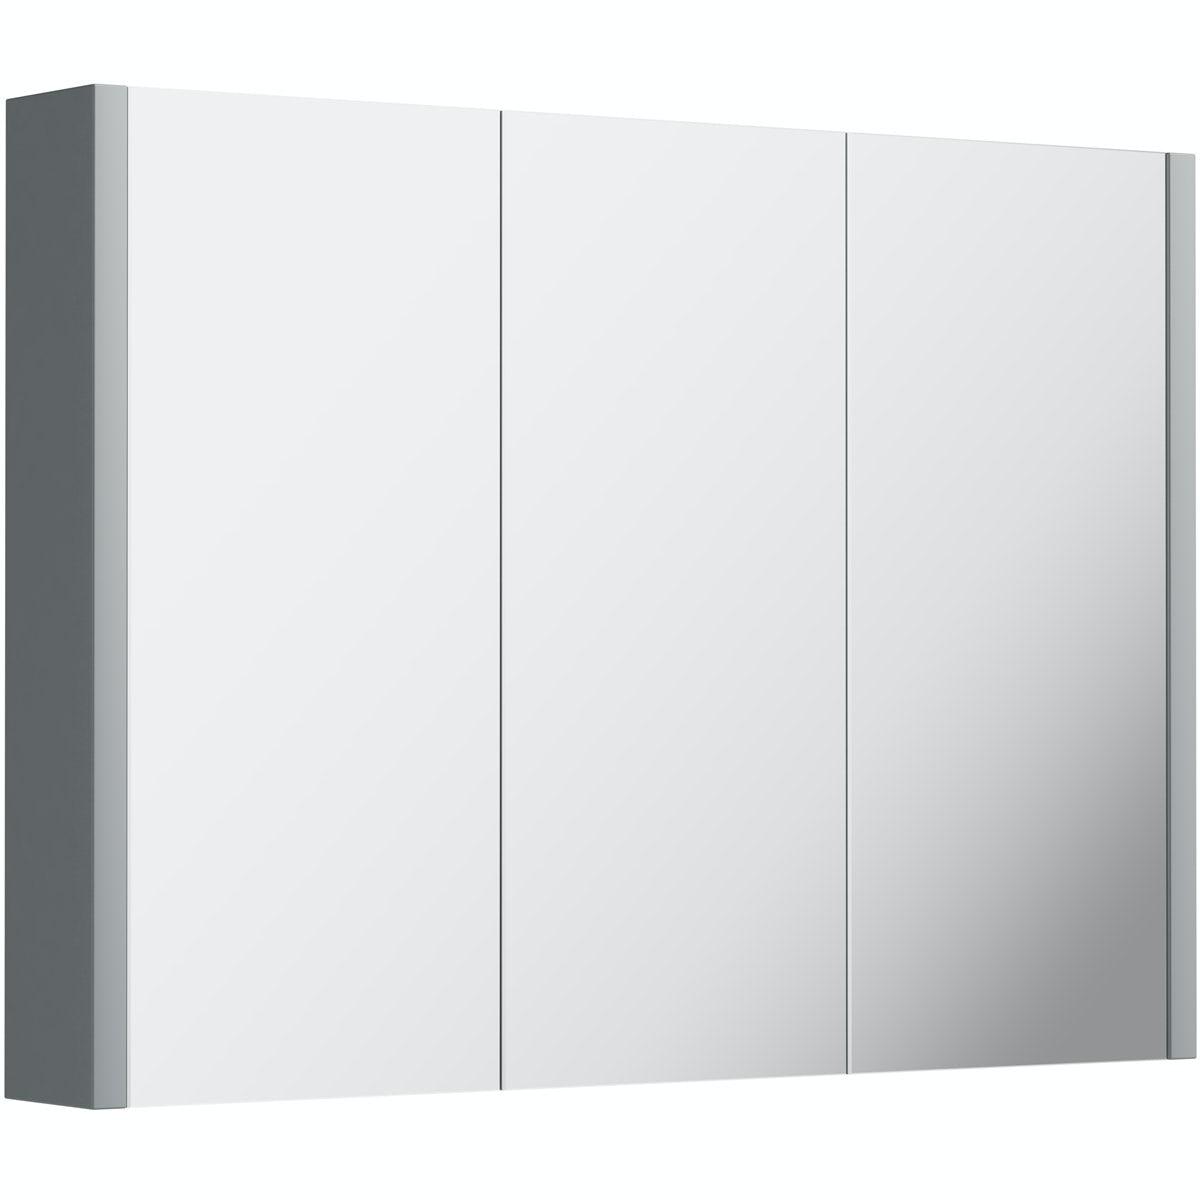 Orchard Derwent grey 3 3oor mirror cabinet 900mm